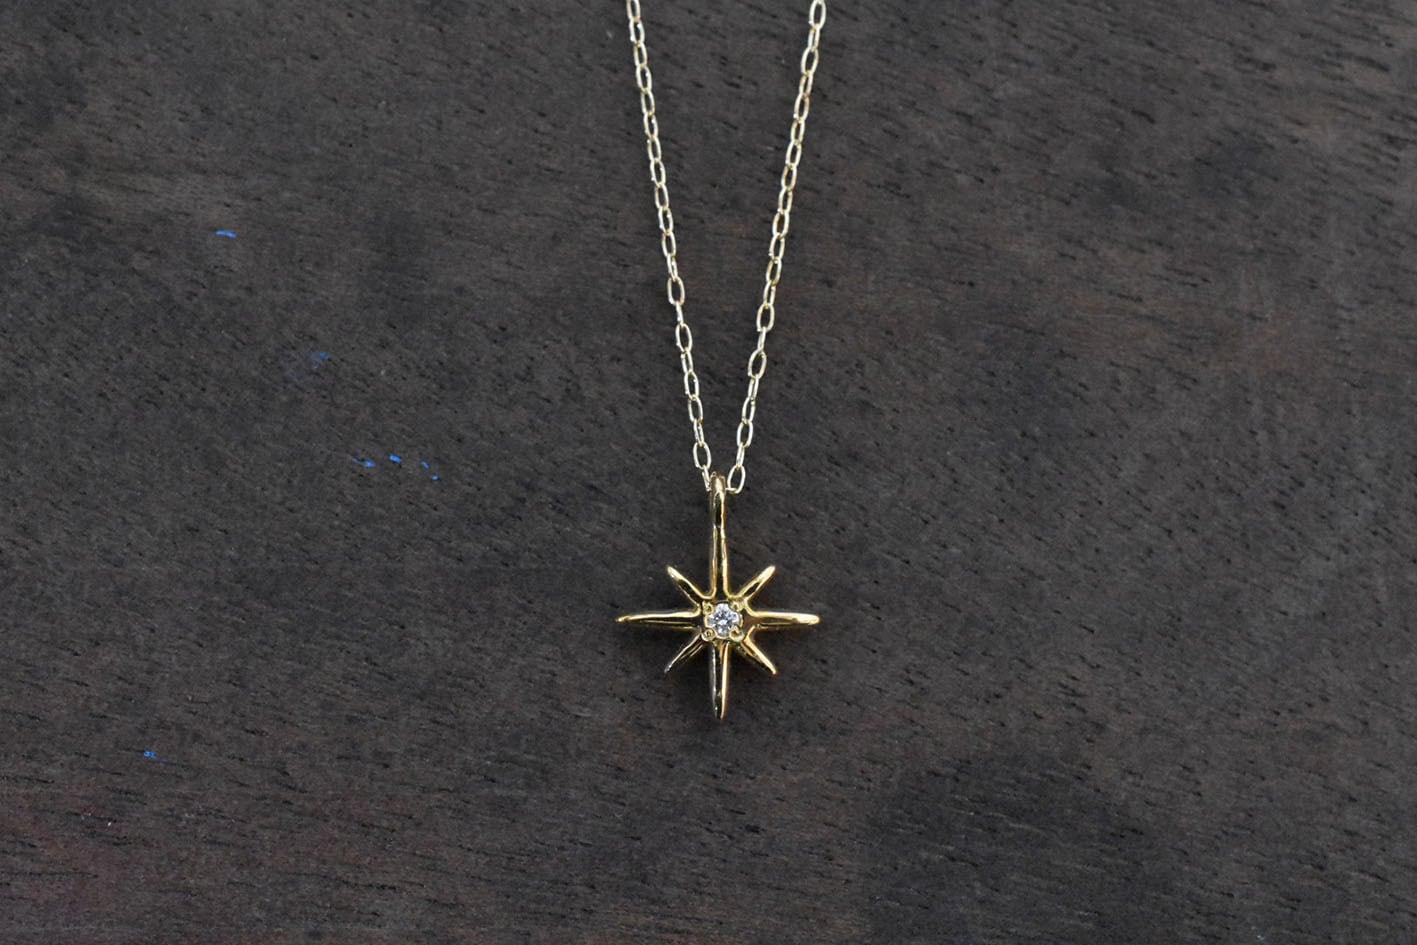 Starlight ダイヤモンドネックレス / K18YG